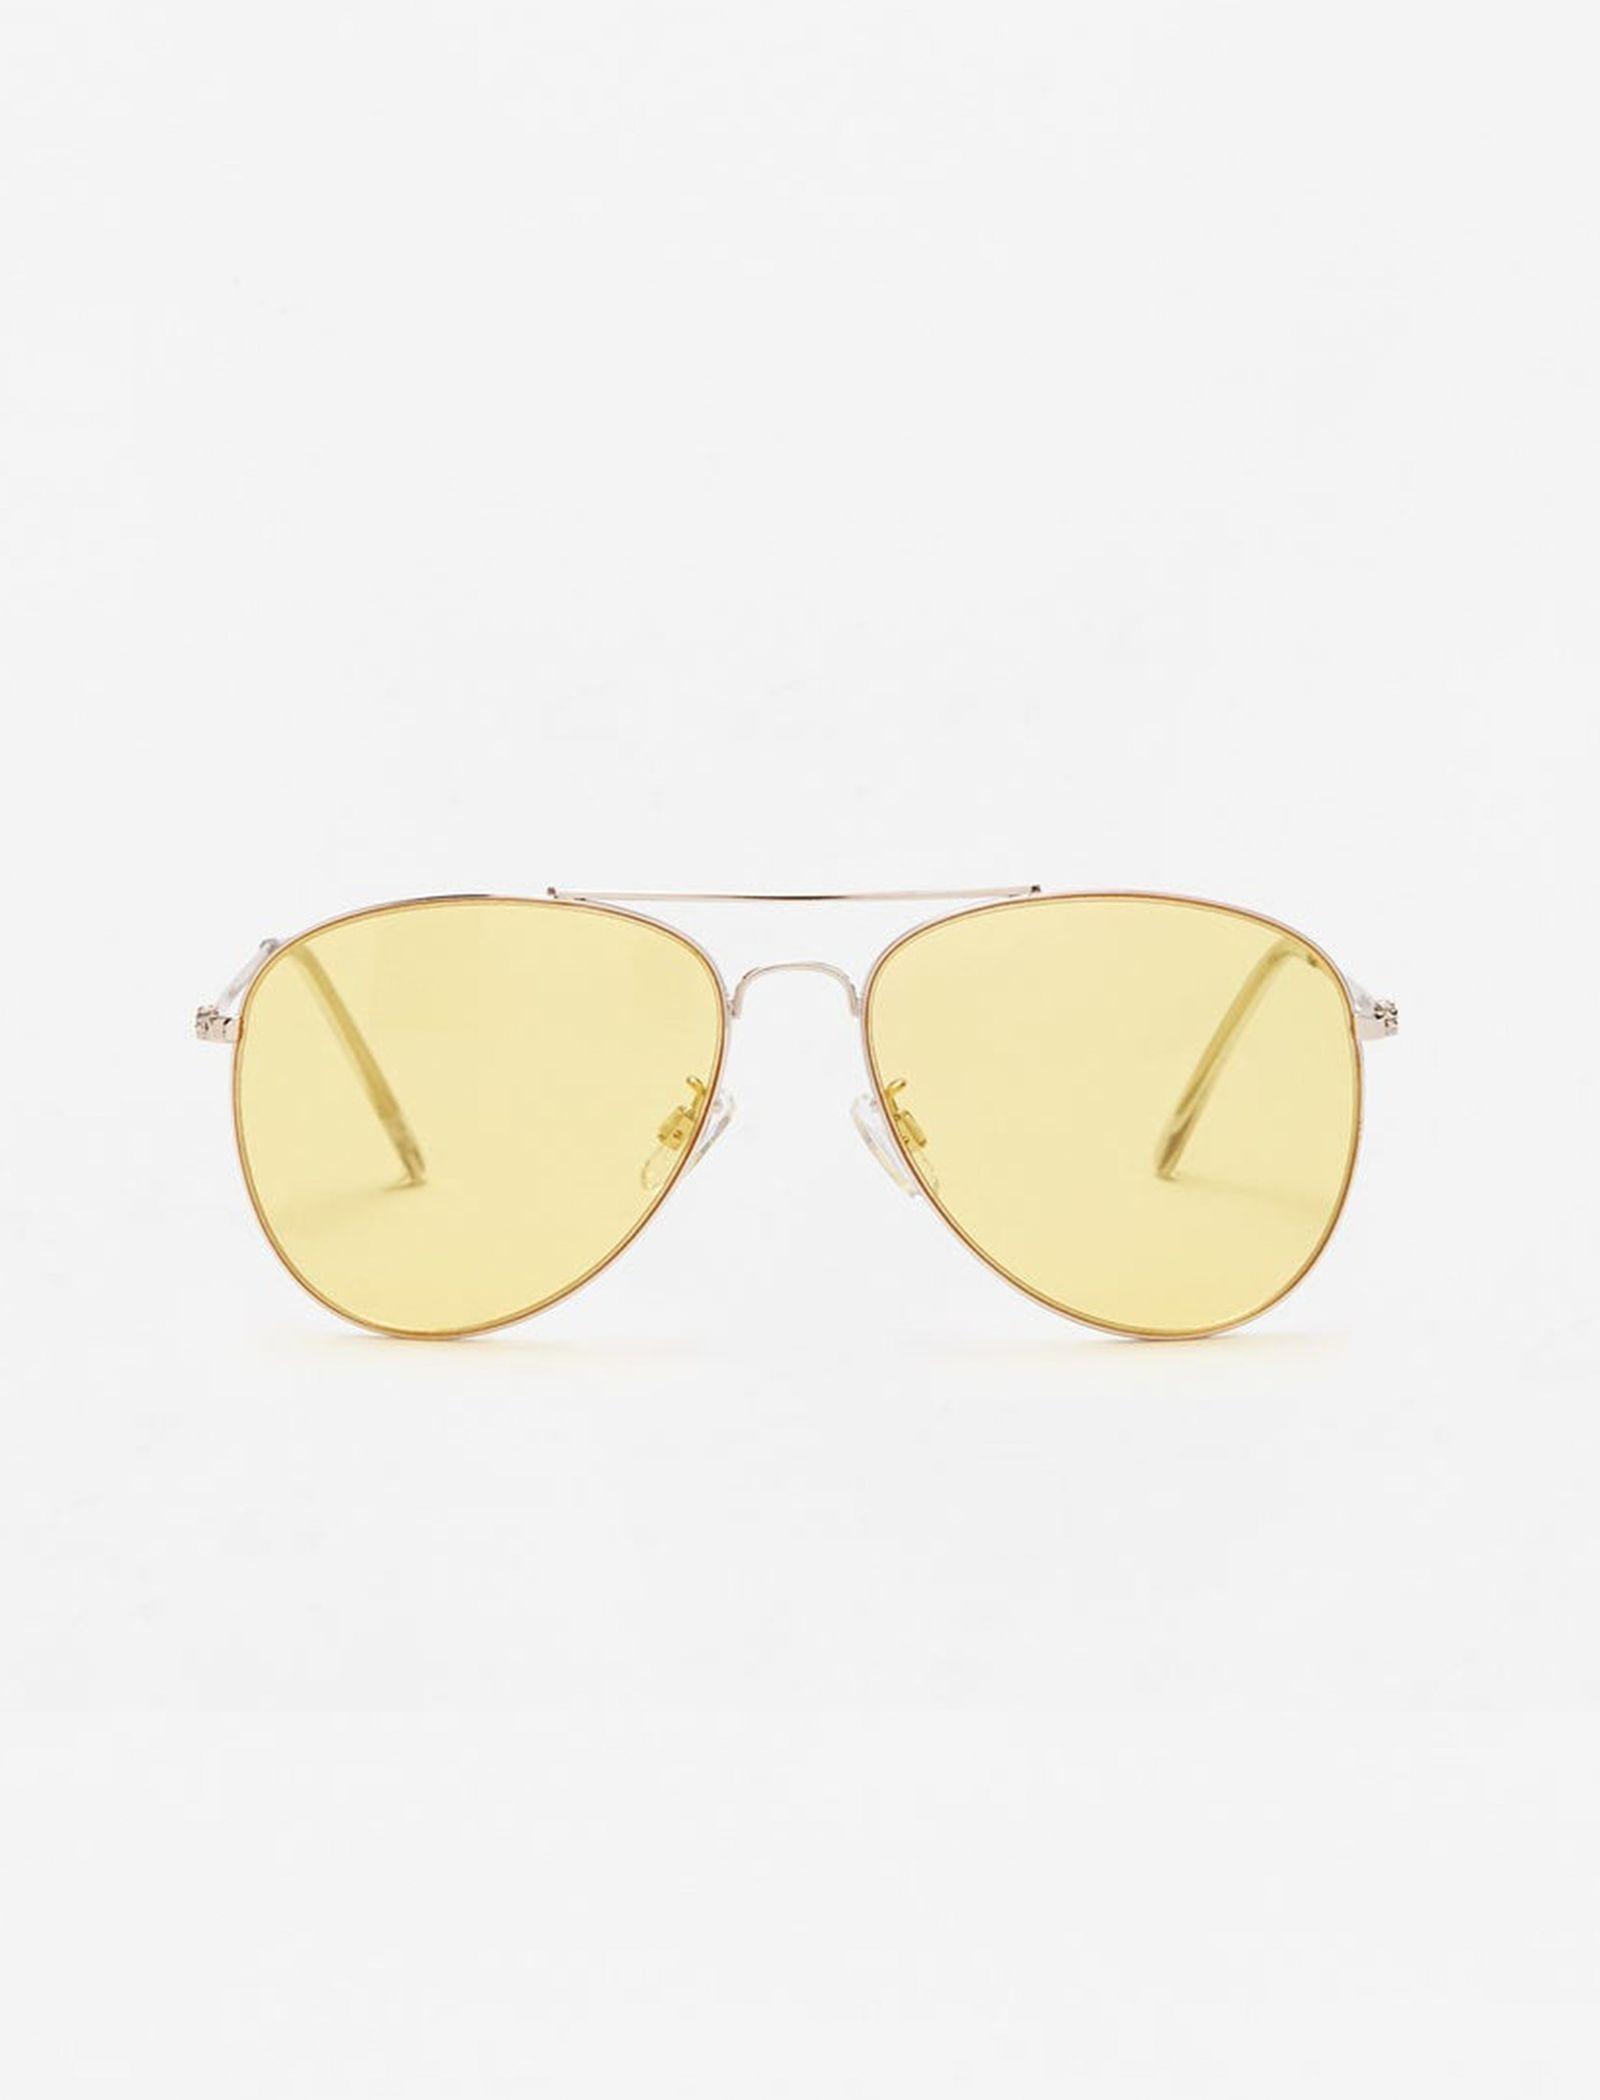 عینک آفتابی خلبانی زنانه - مانگو - طلايي - 1